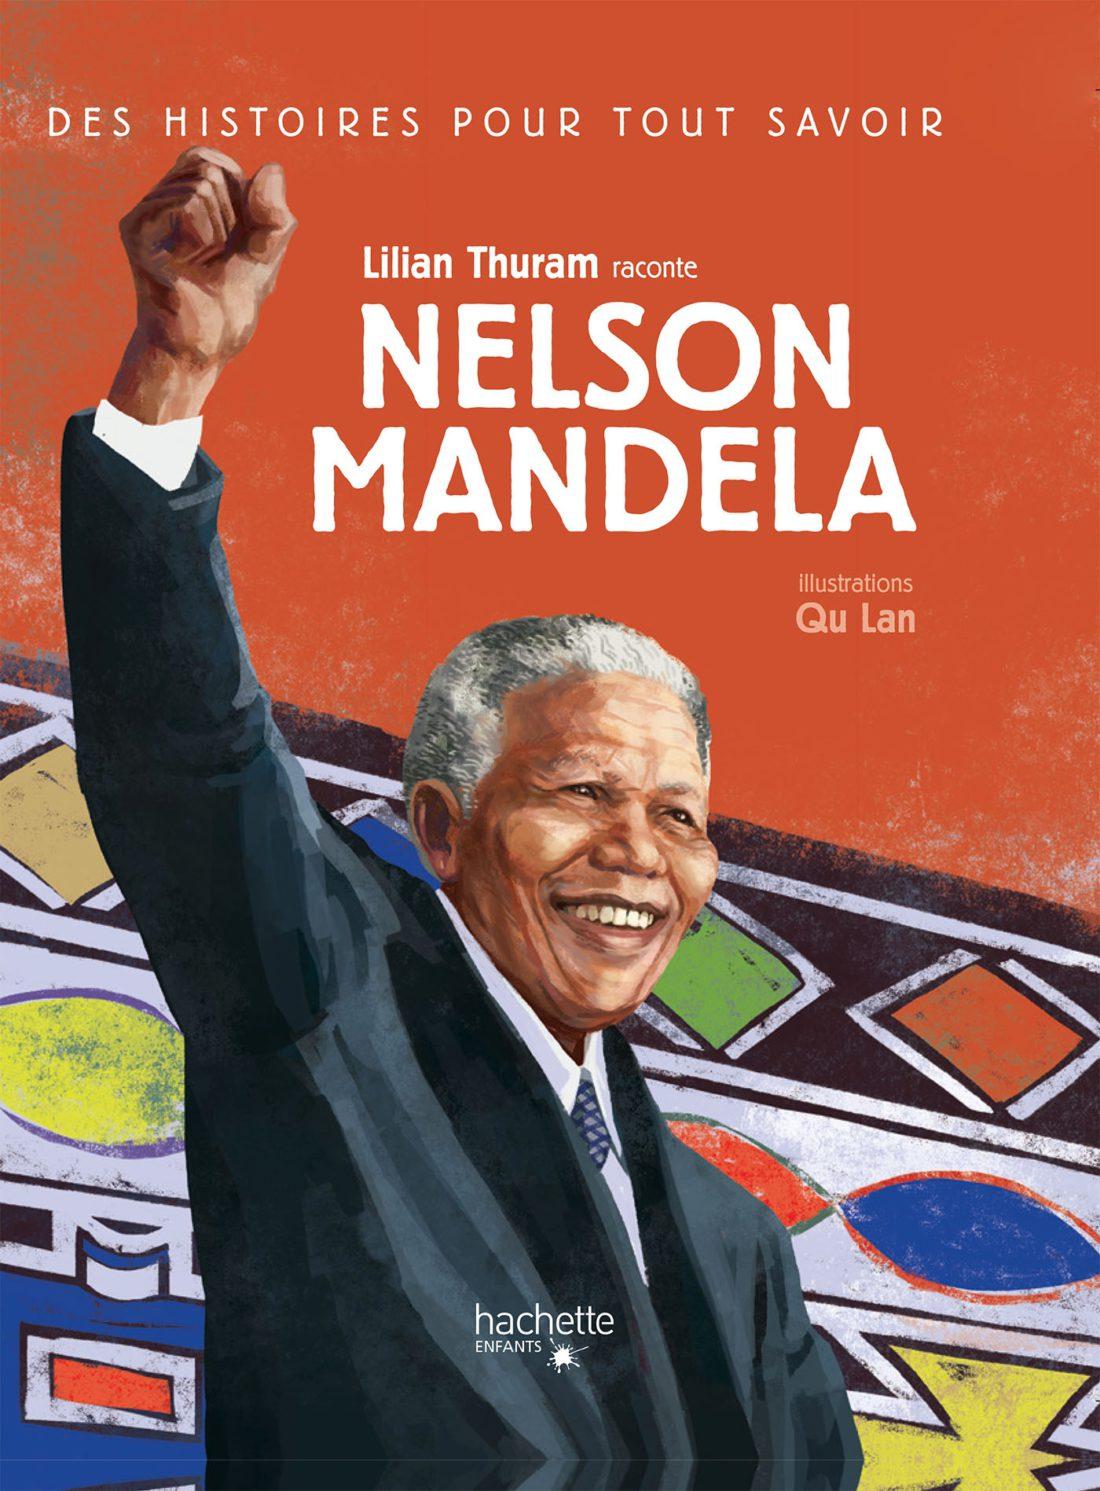 Couverture du livre Nelson Mandela par Lilian Thuram